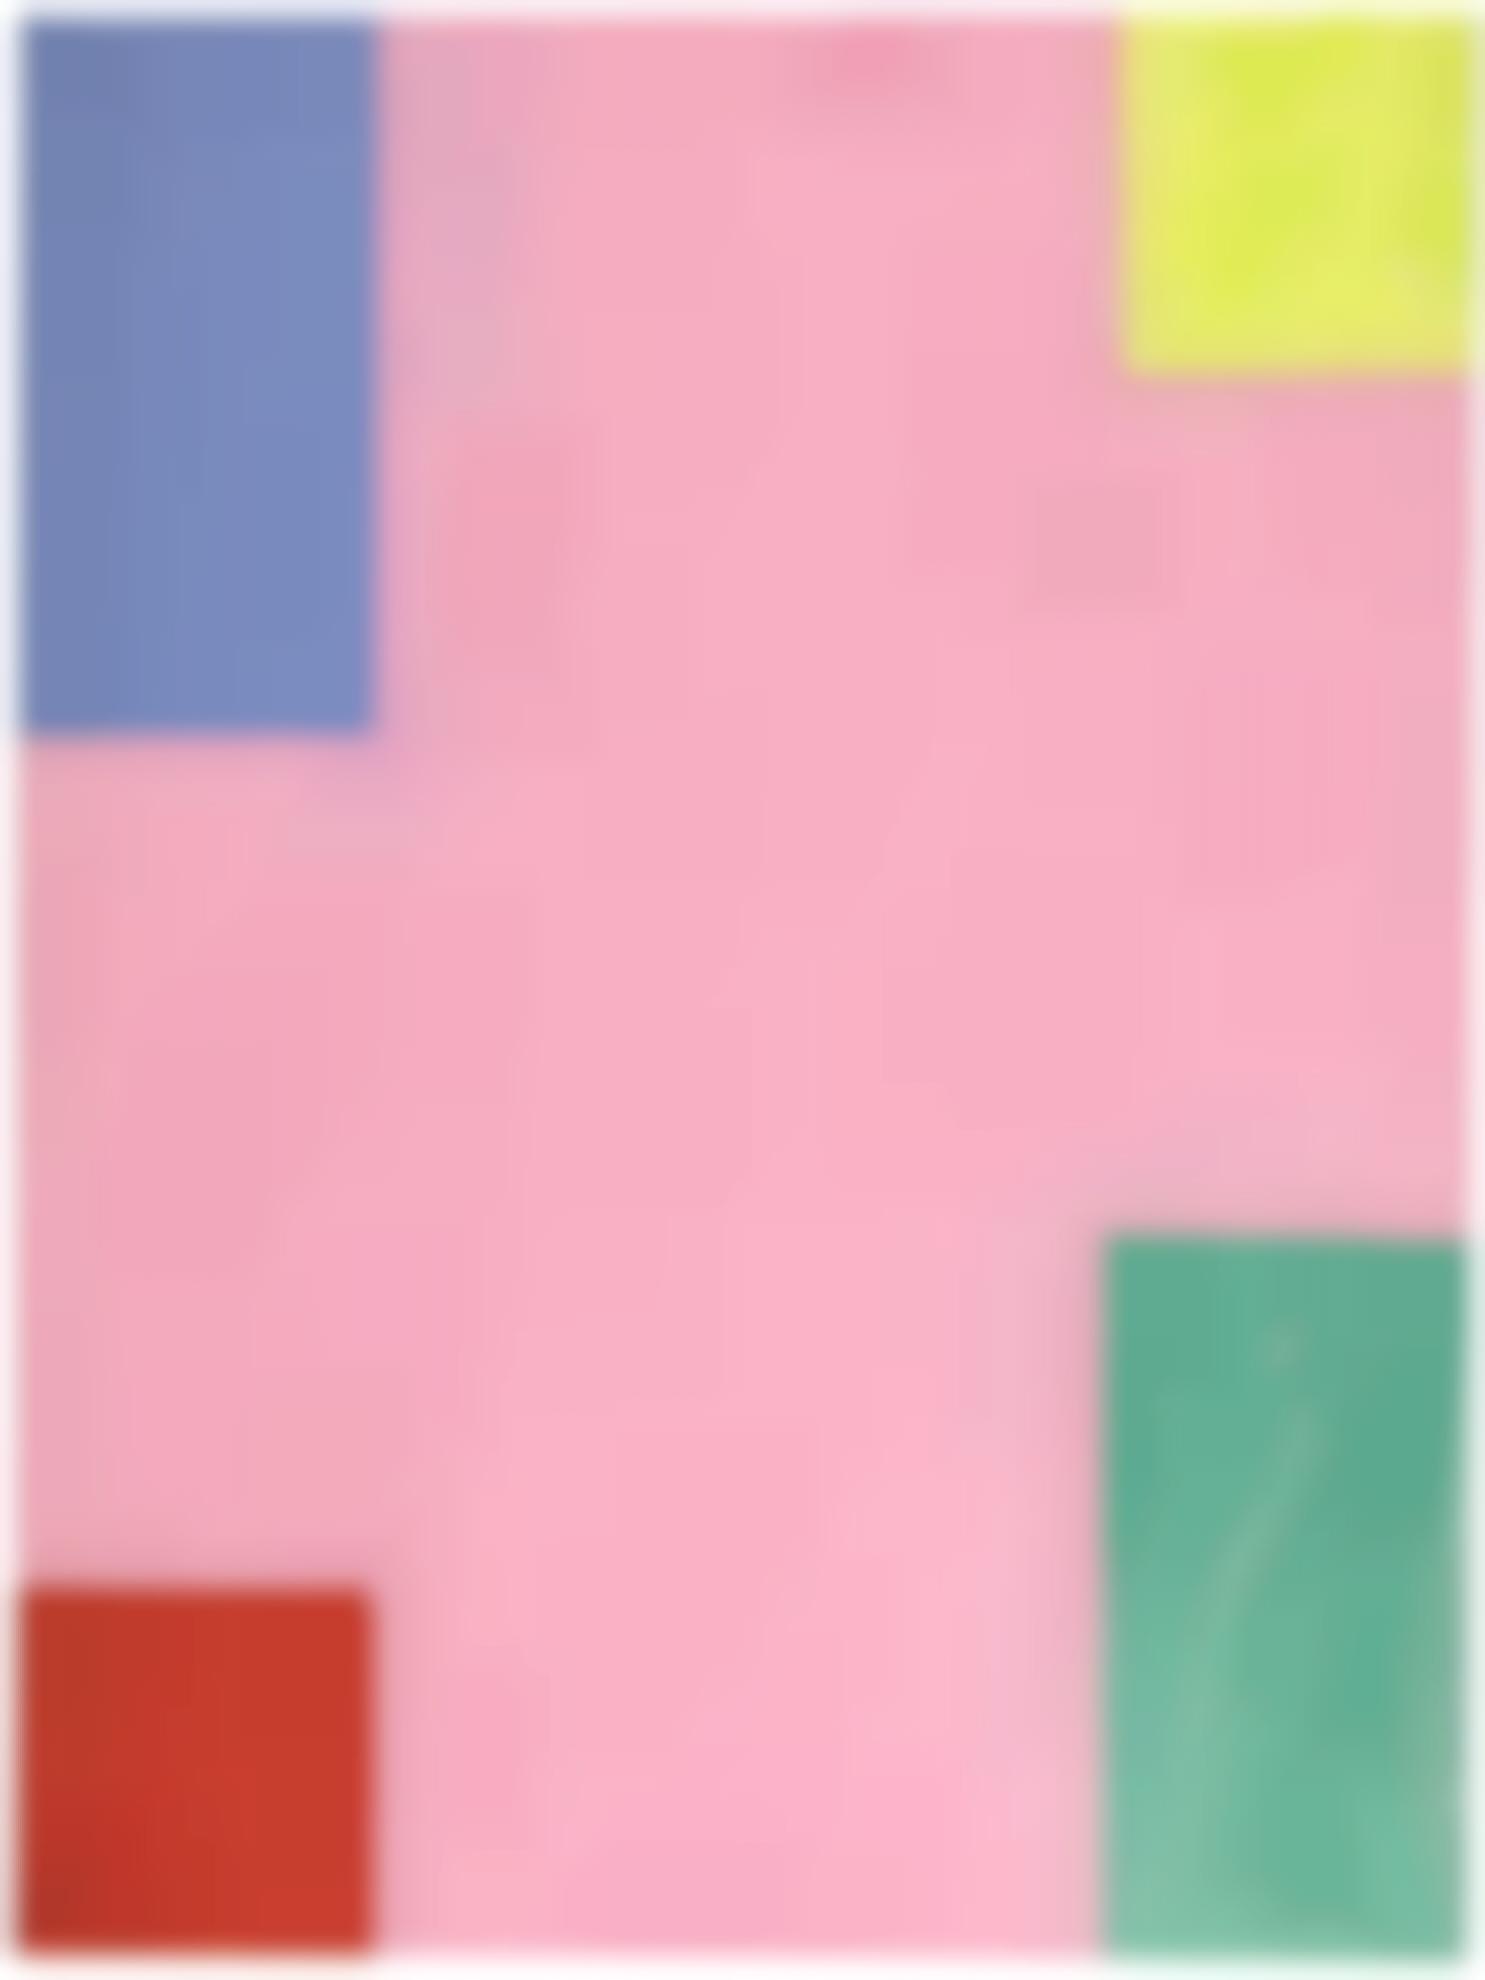 Mary Heilmann-Pink Summer-2000